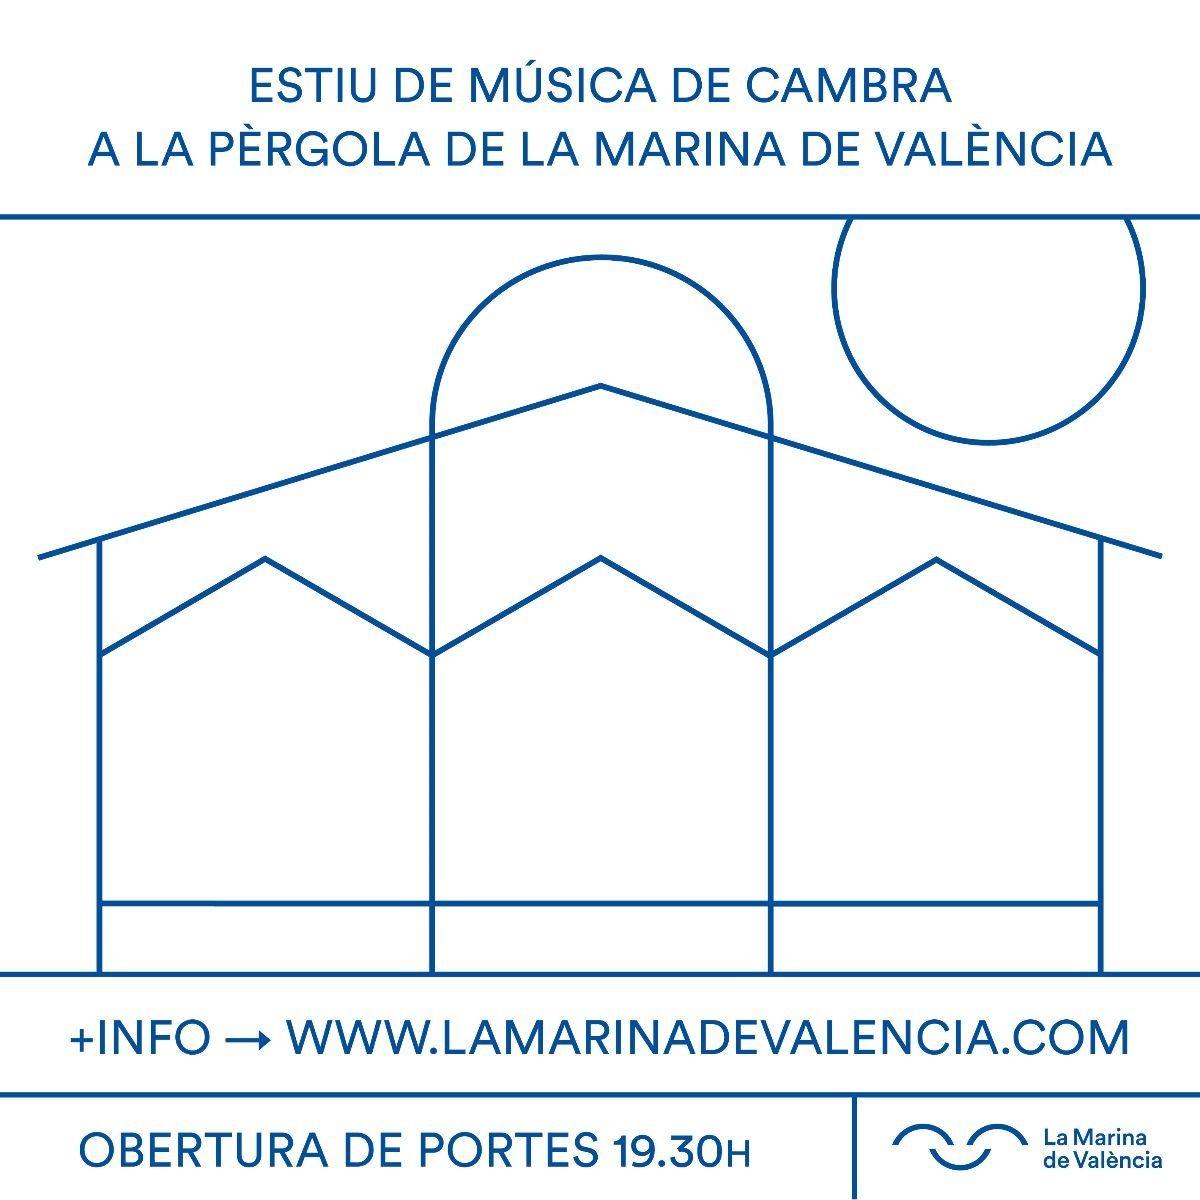 Música de cámara este verano en La Marina valencia